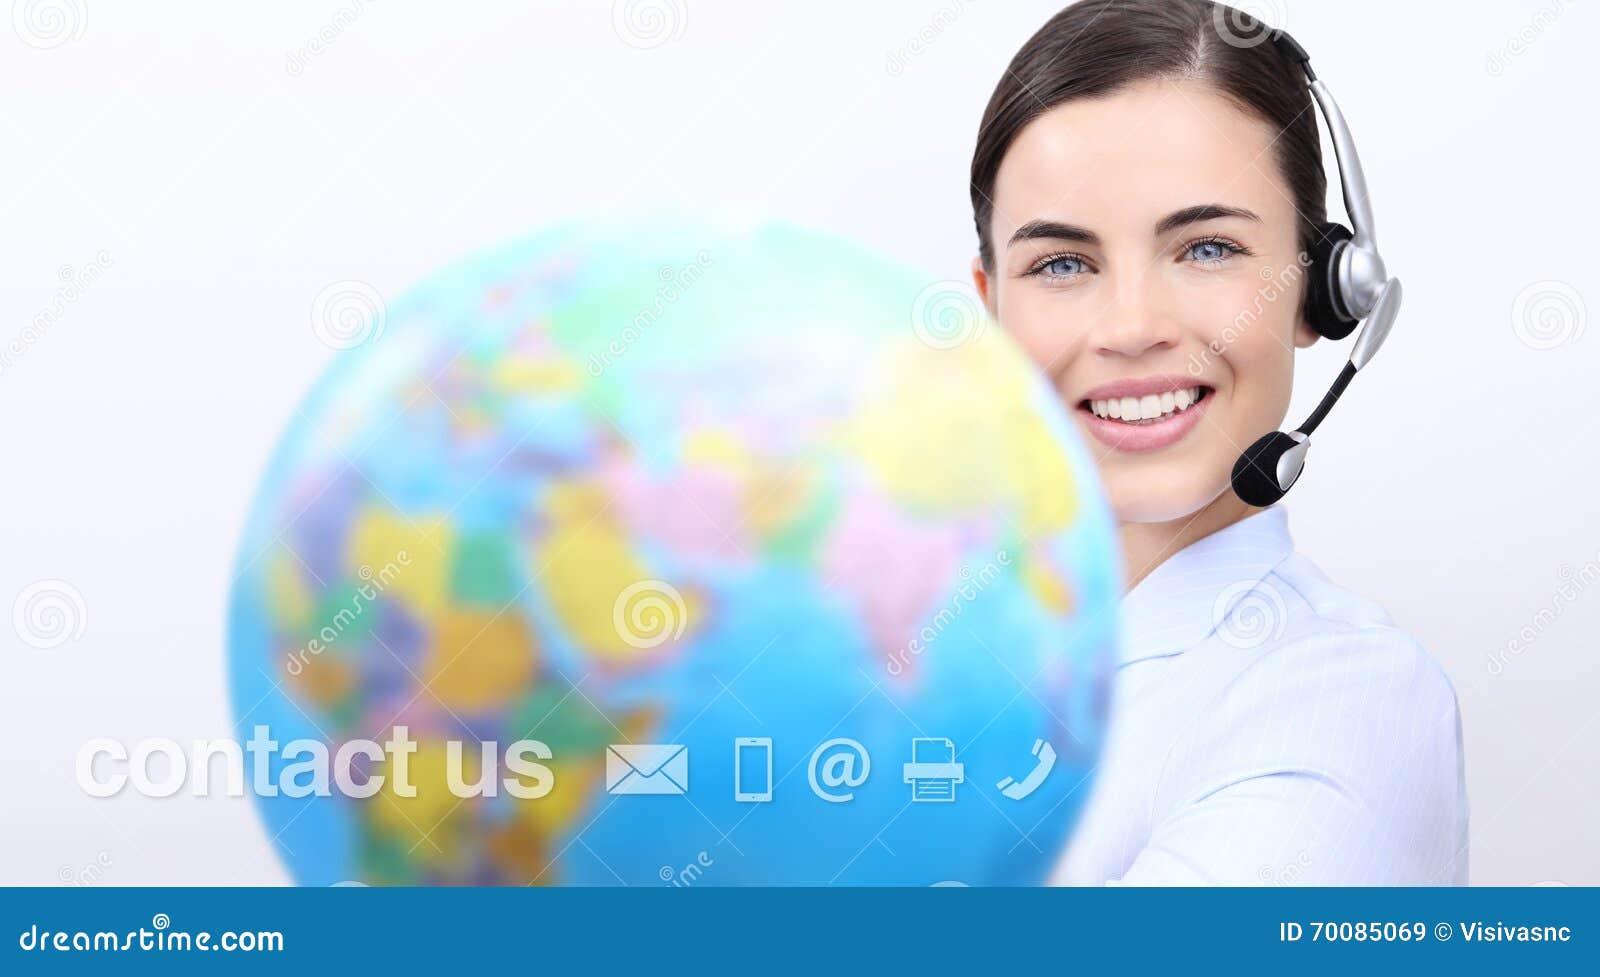 Éntrenos en contacto con, mujer del operador del servicio de atención al cliente con la sonrisa de las auriculares